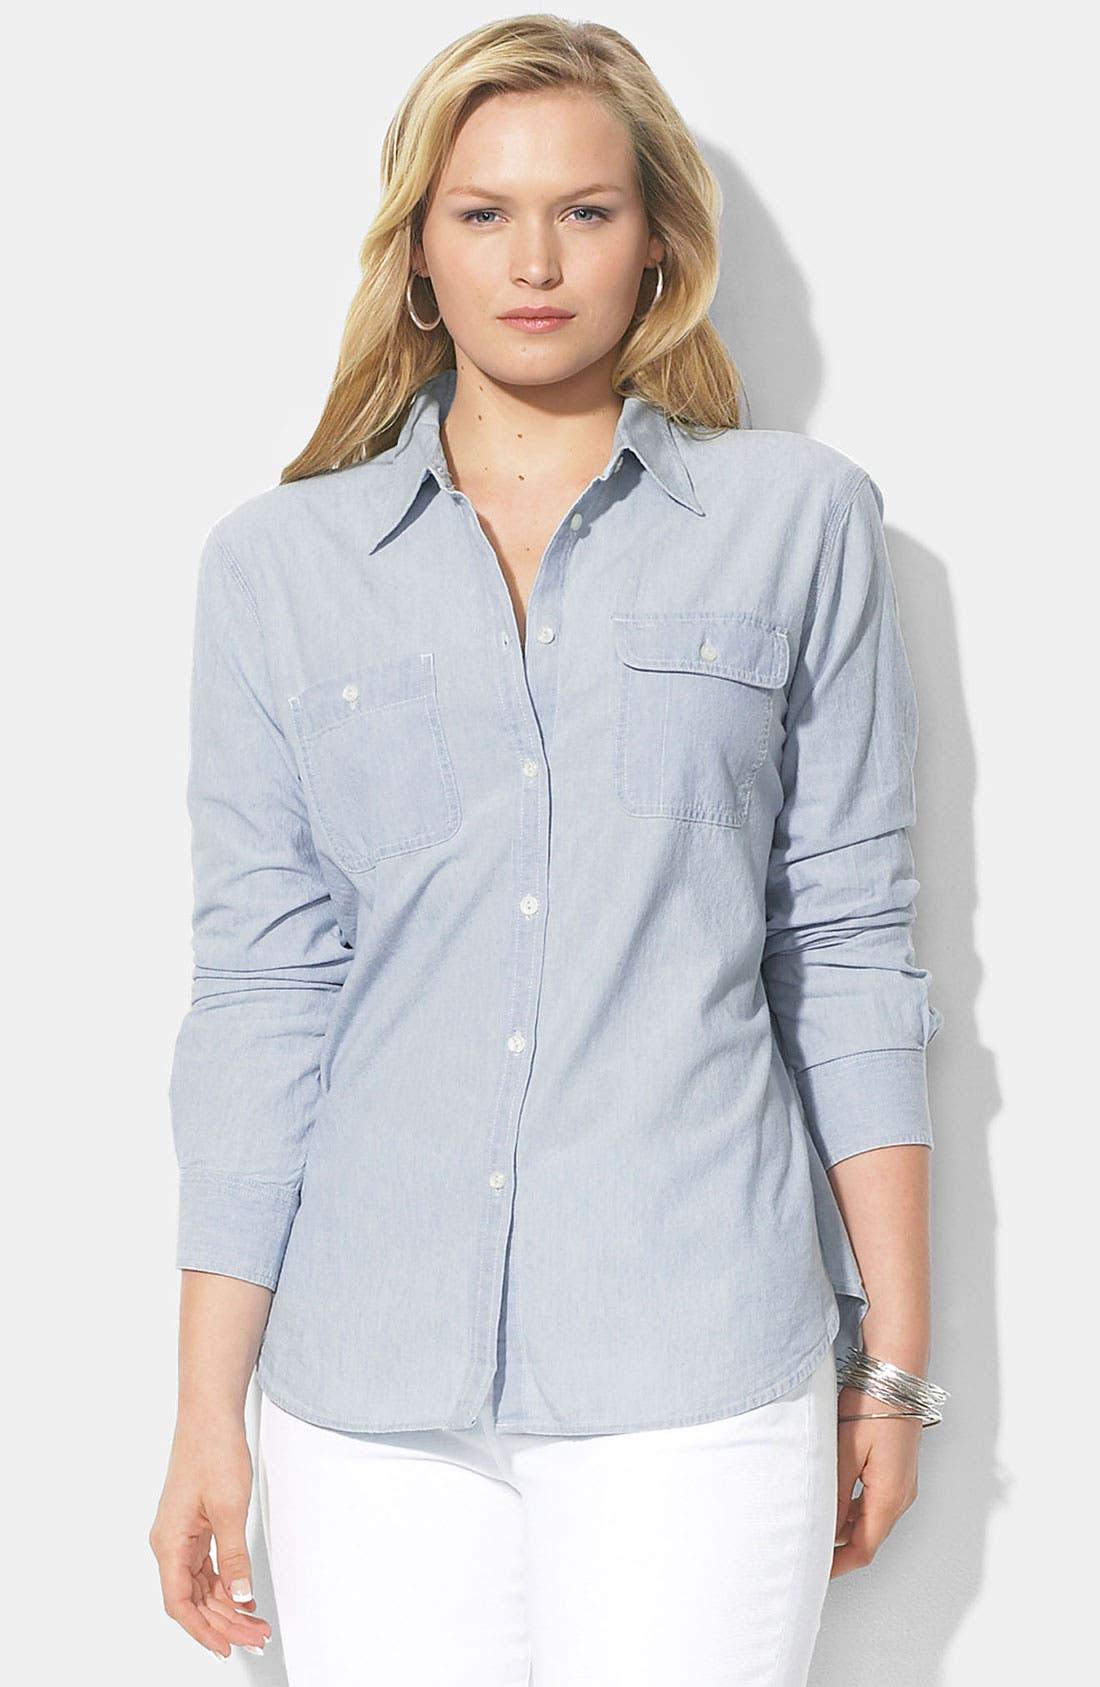 Alternate Image 1 Selected - Lauren Ralph Lauren Cotton Shirt (Plus)